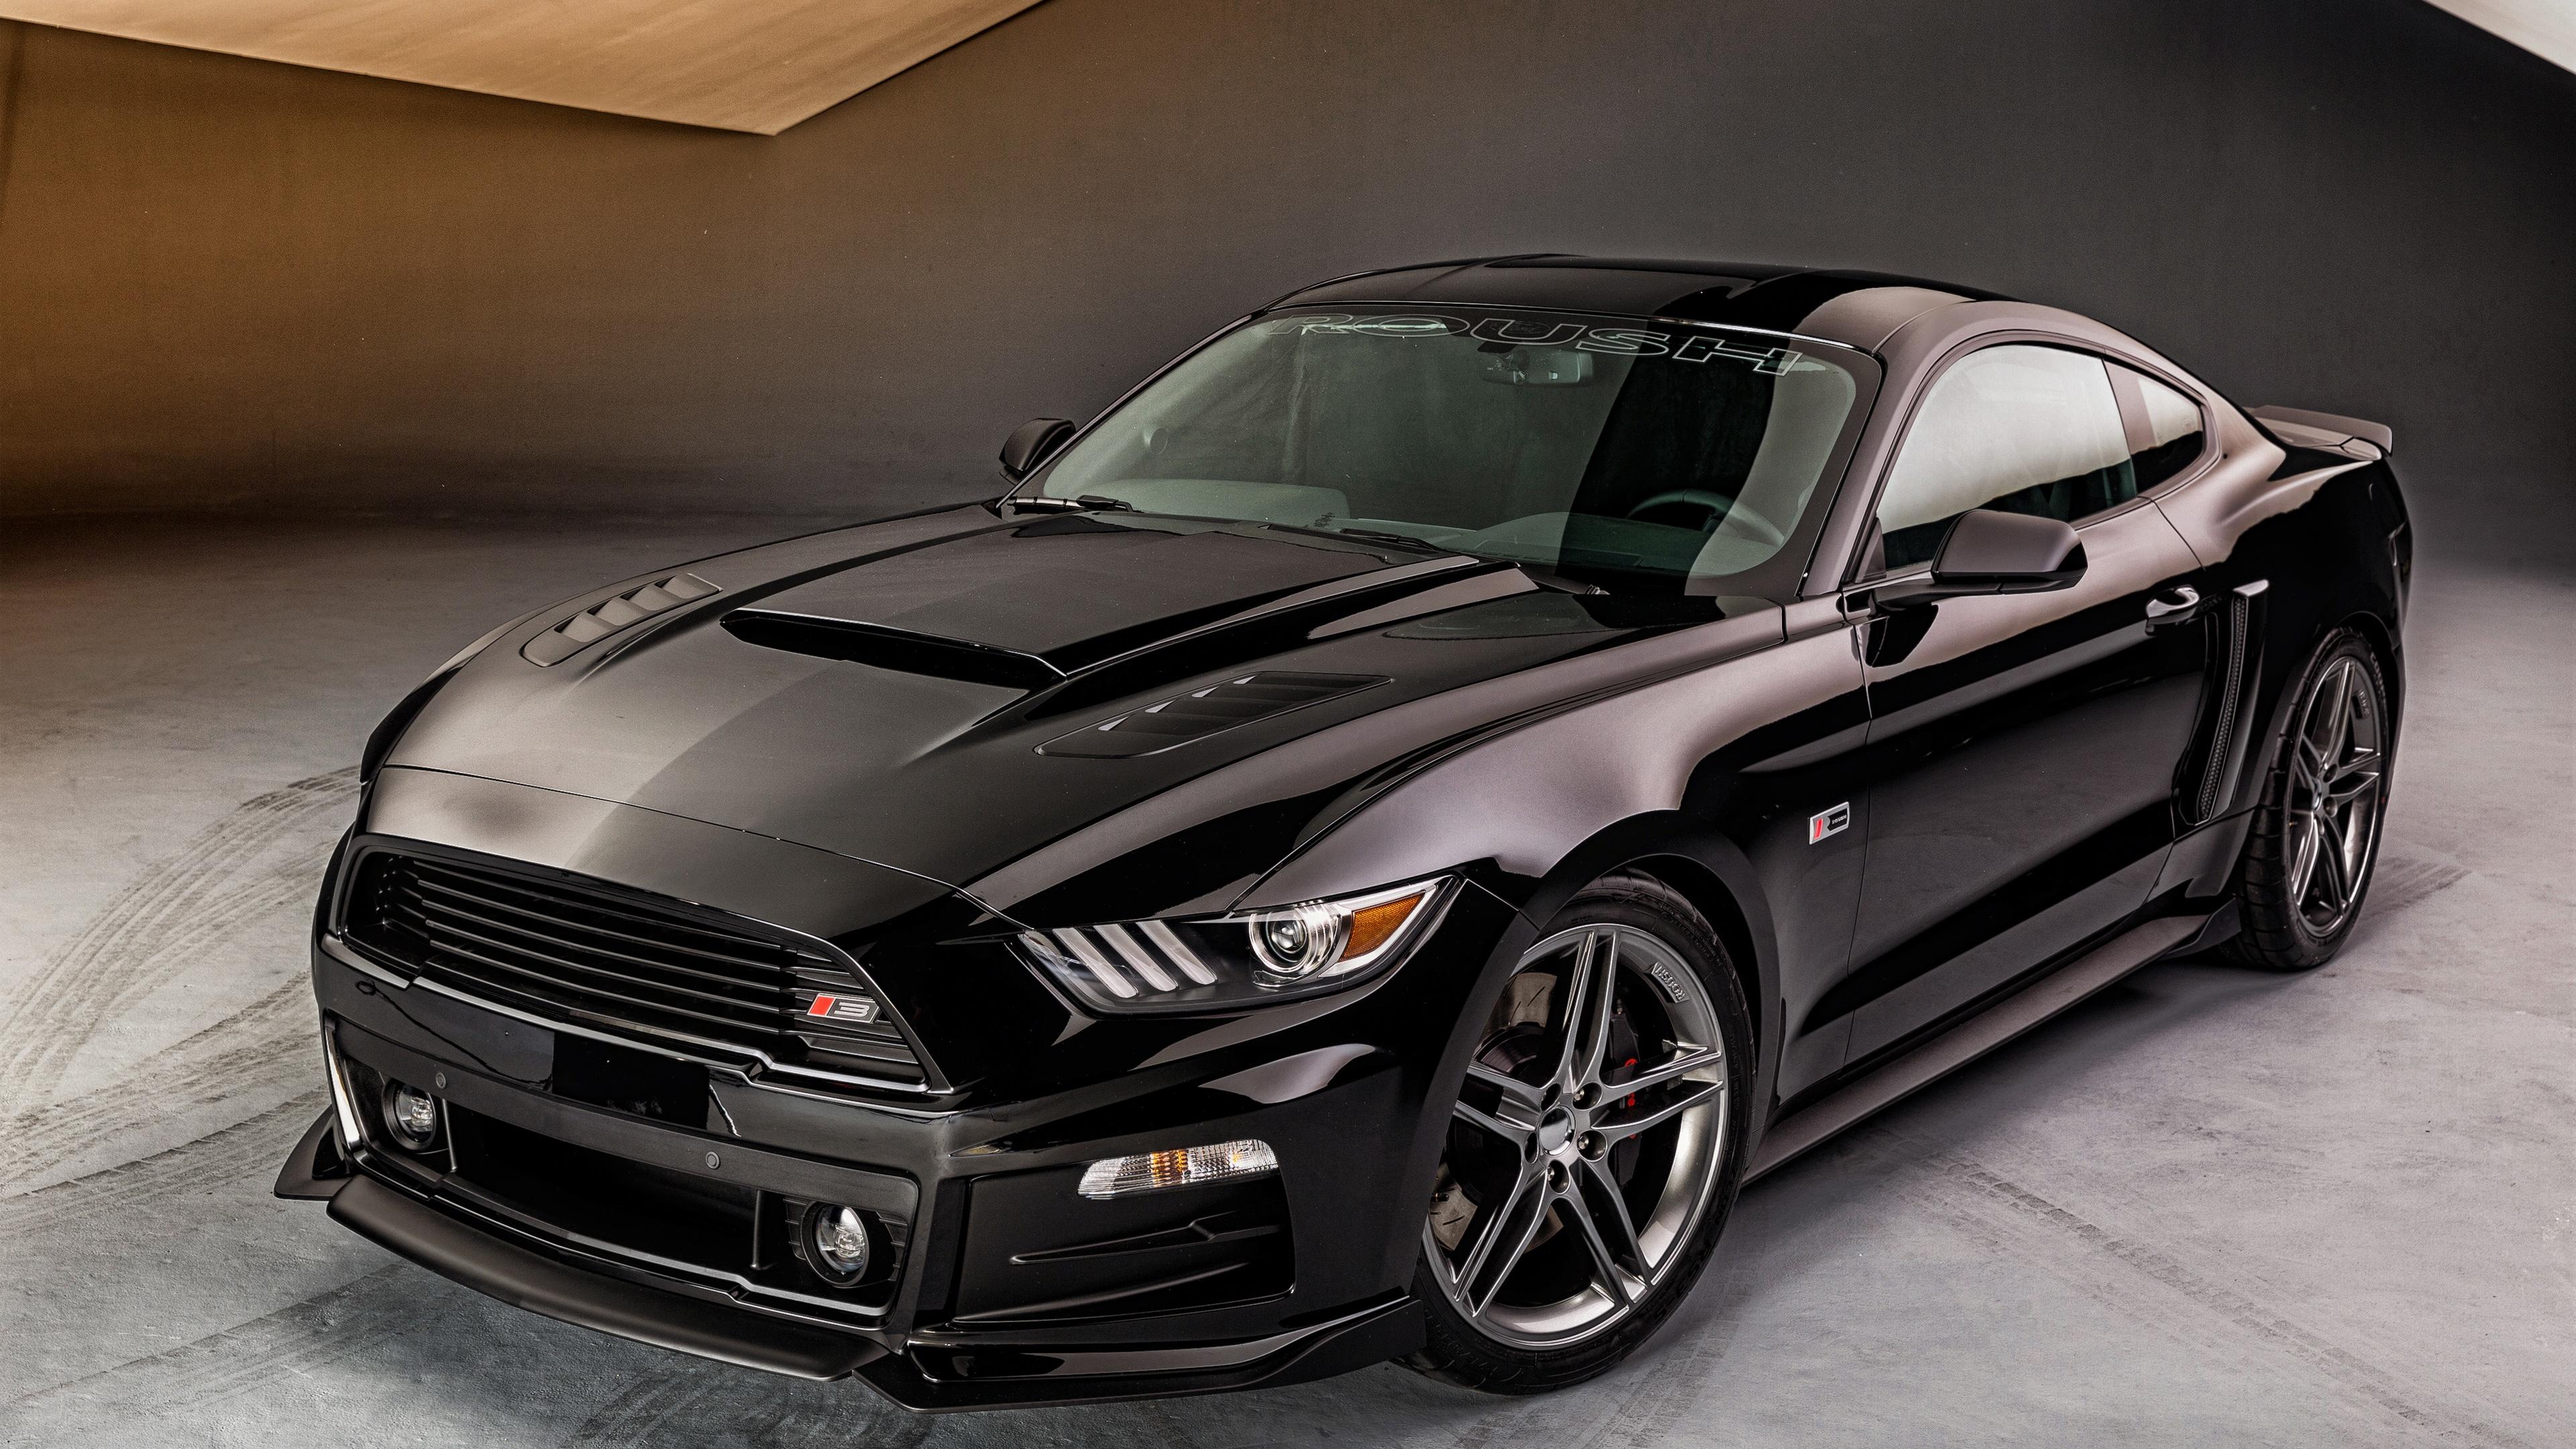 Ford Mustang HD Wallpaper - WallpaperSafari